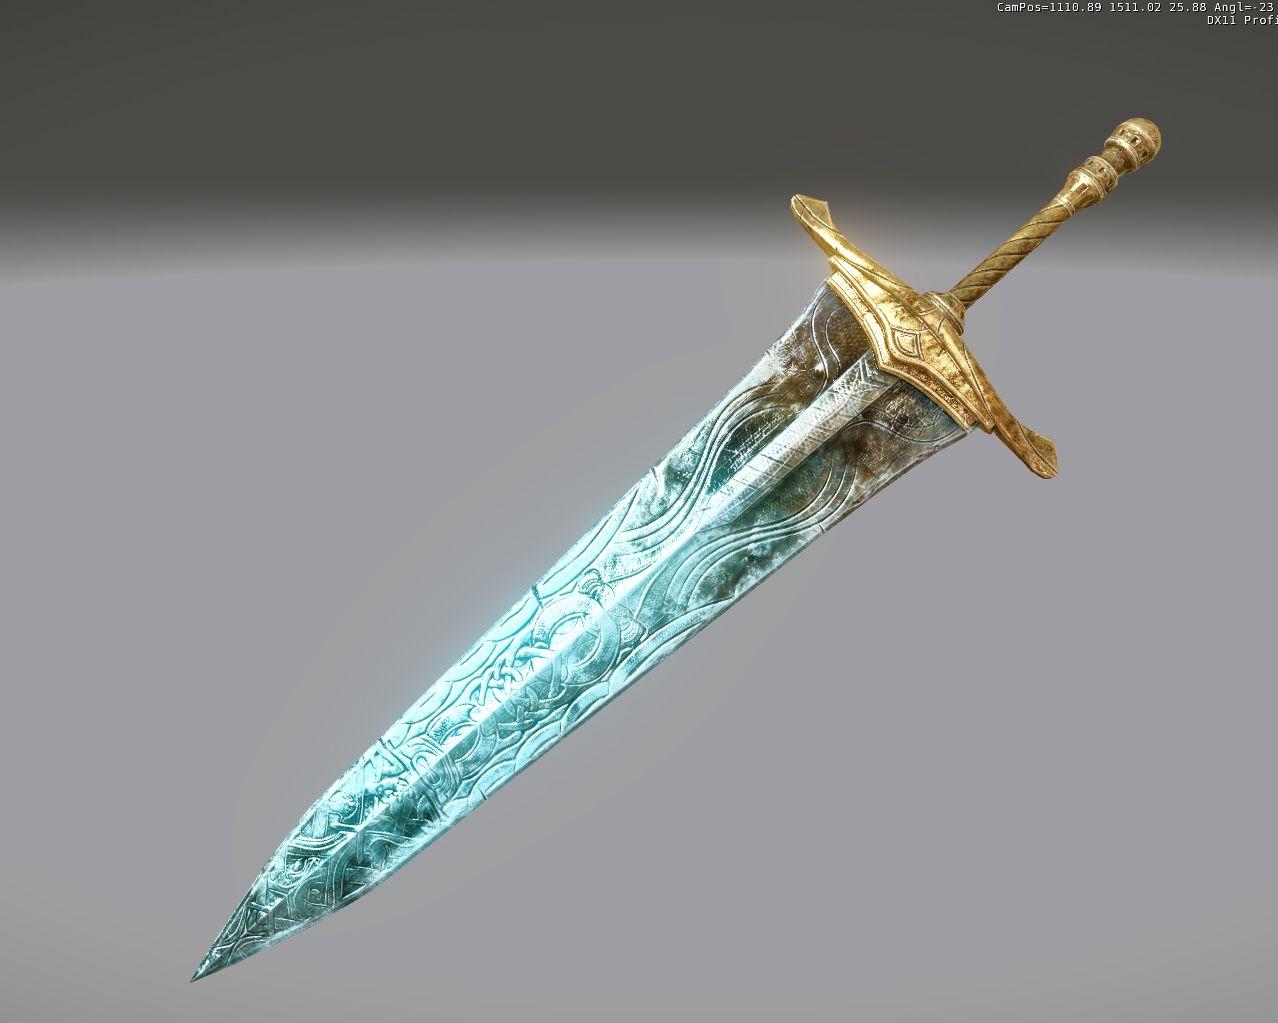 Kết quả hình ảnh cho moonlight sword | Vũ khí | Pinterest ...